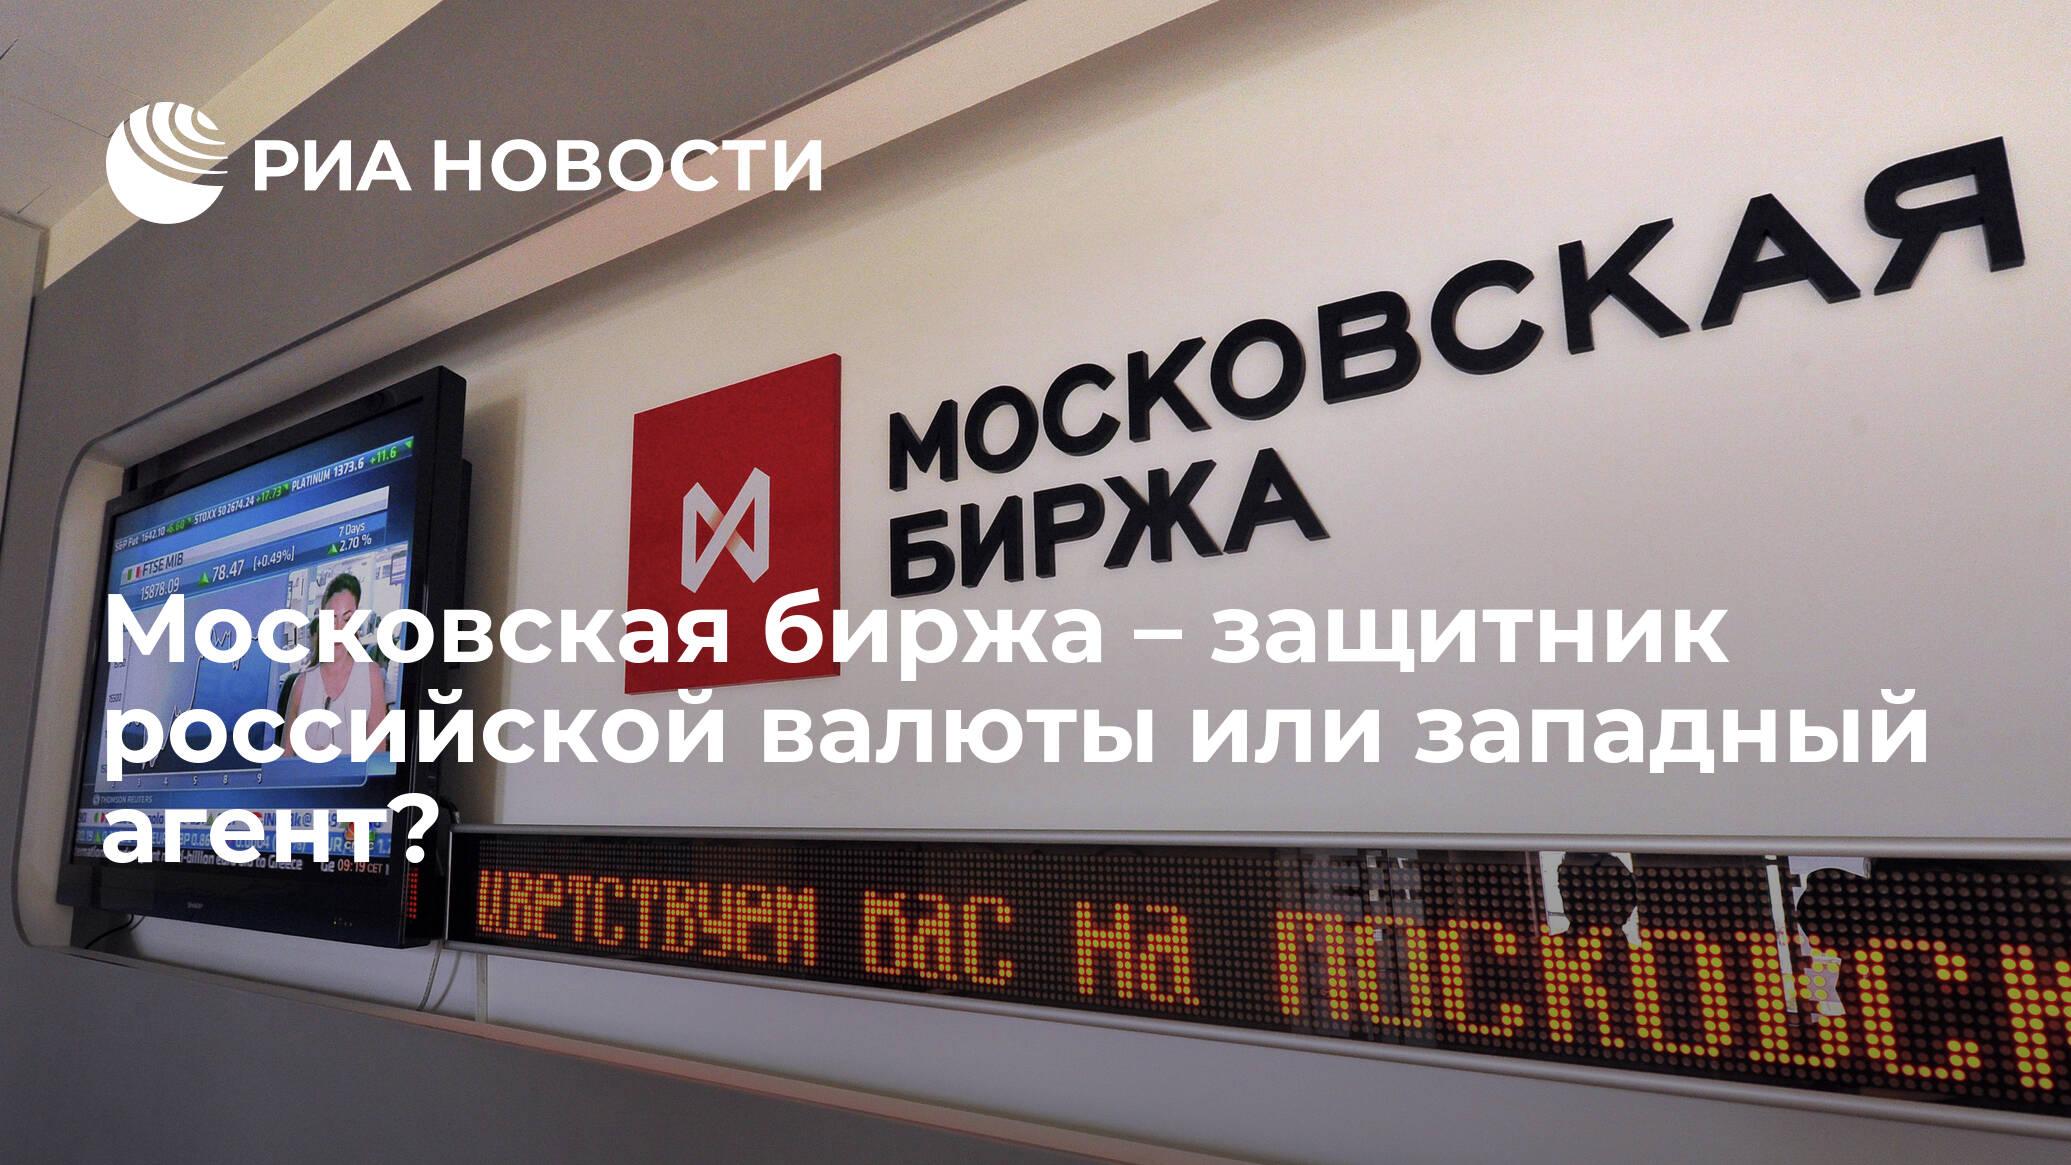 Валютные торги московская биржа онлайн решебник контрольные работы